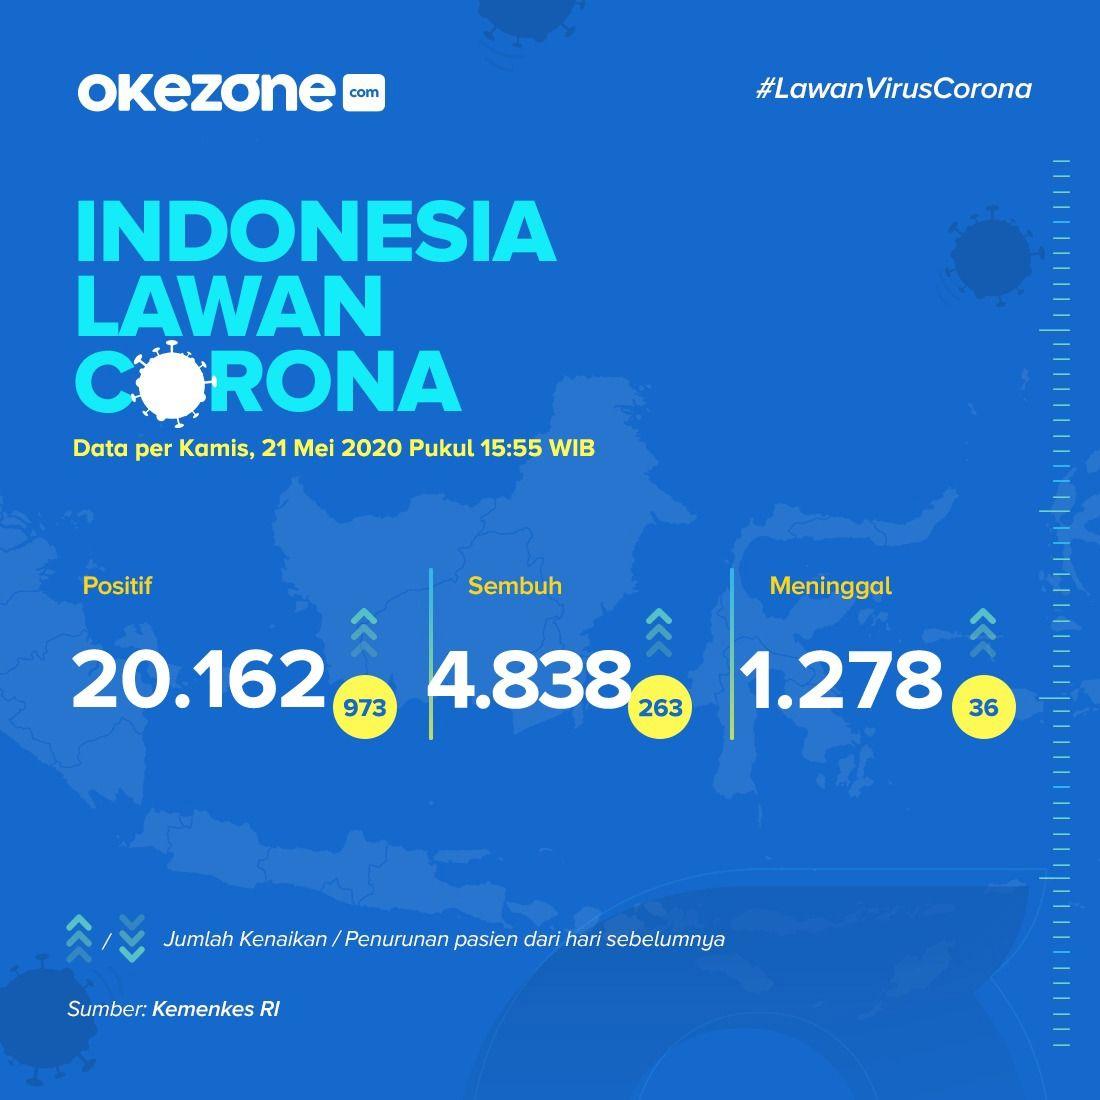 Indonesia Lawan Corona, Data Kamis, 21 Mei 2020 -